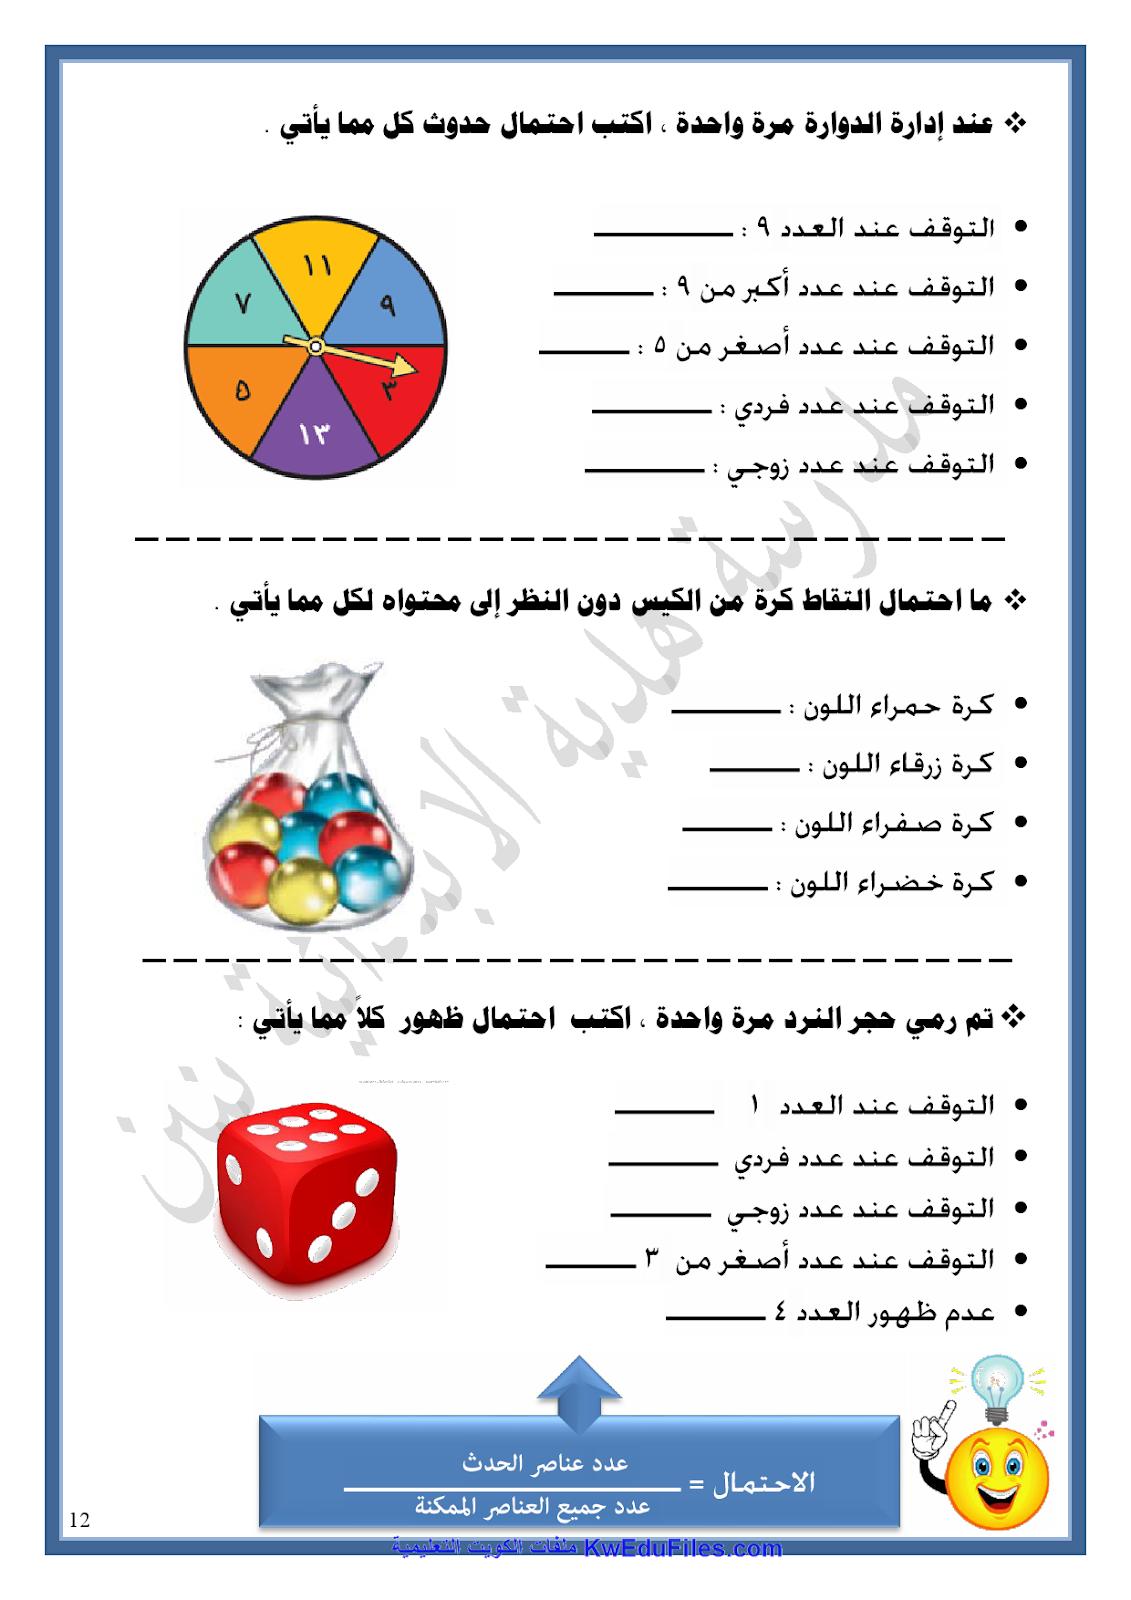 حل درس الاحتمال رياضيات رابع كتاب النشاط